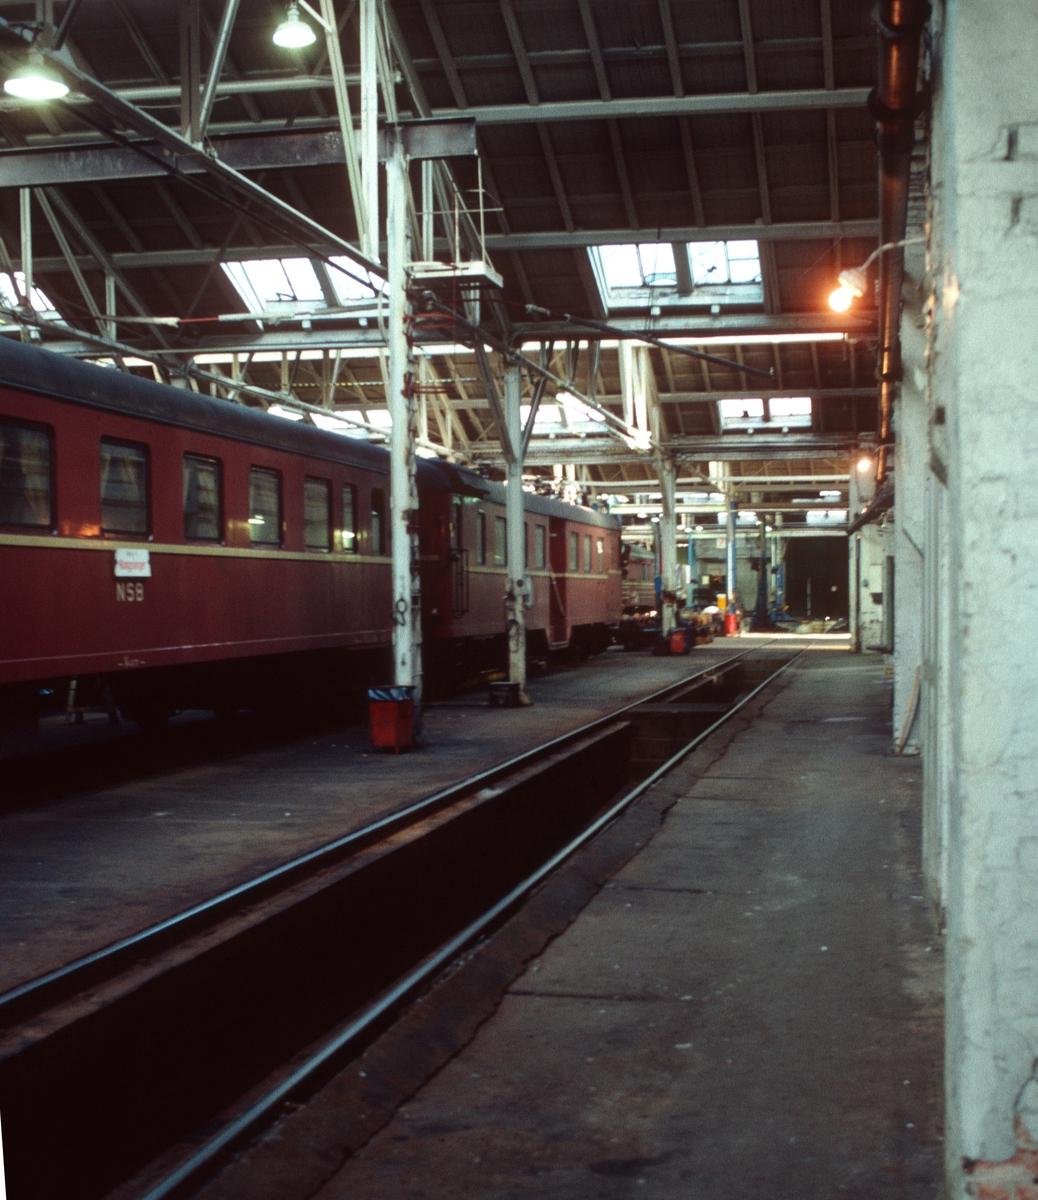 Interiør i gamlestallen, Lodalen, Oslo S (Oslo Ø). Smøregrav. Elektrisk motorvognsett type 68A skiltet Kongsvinger. Lamper.